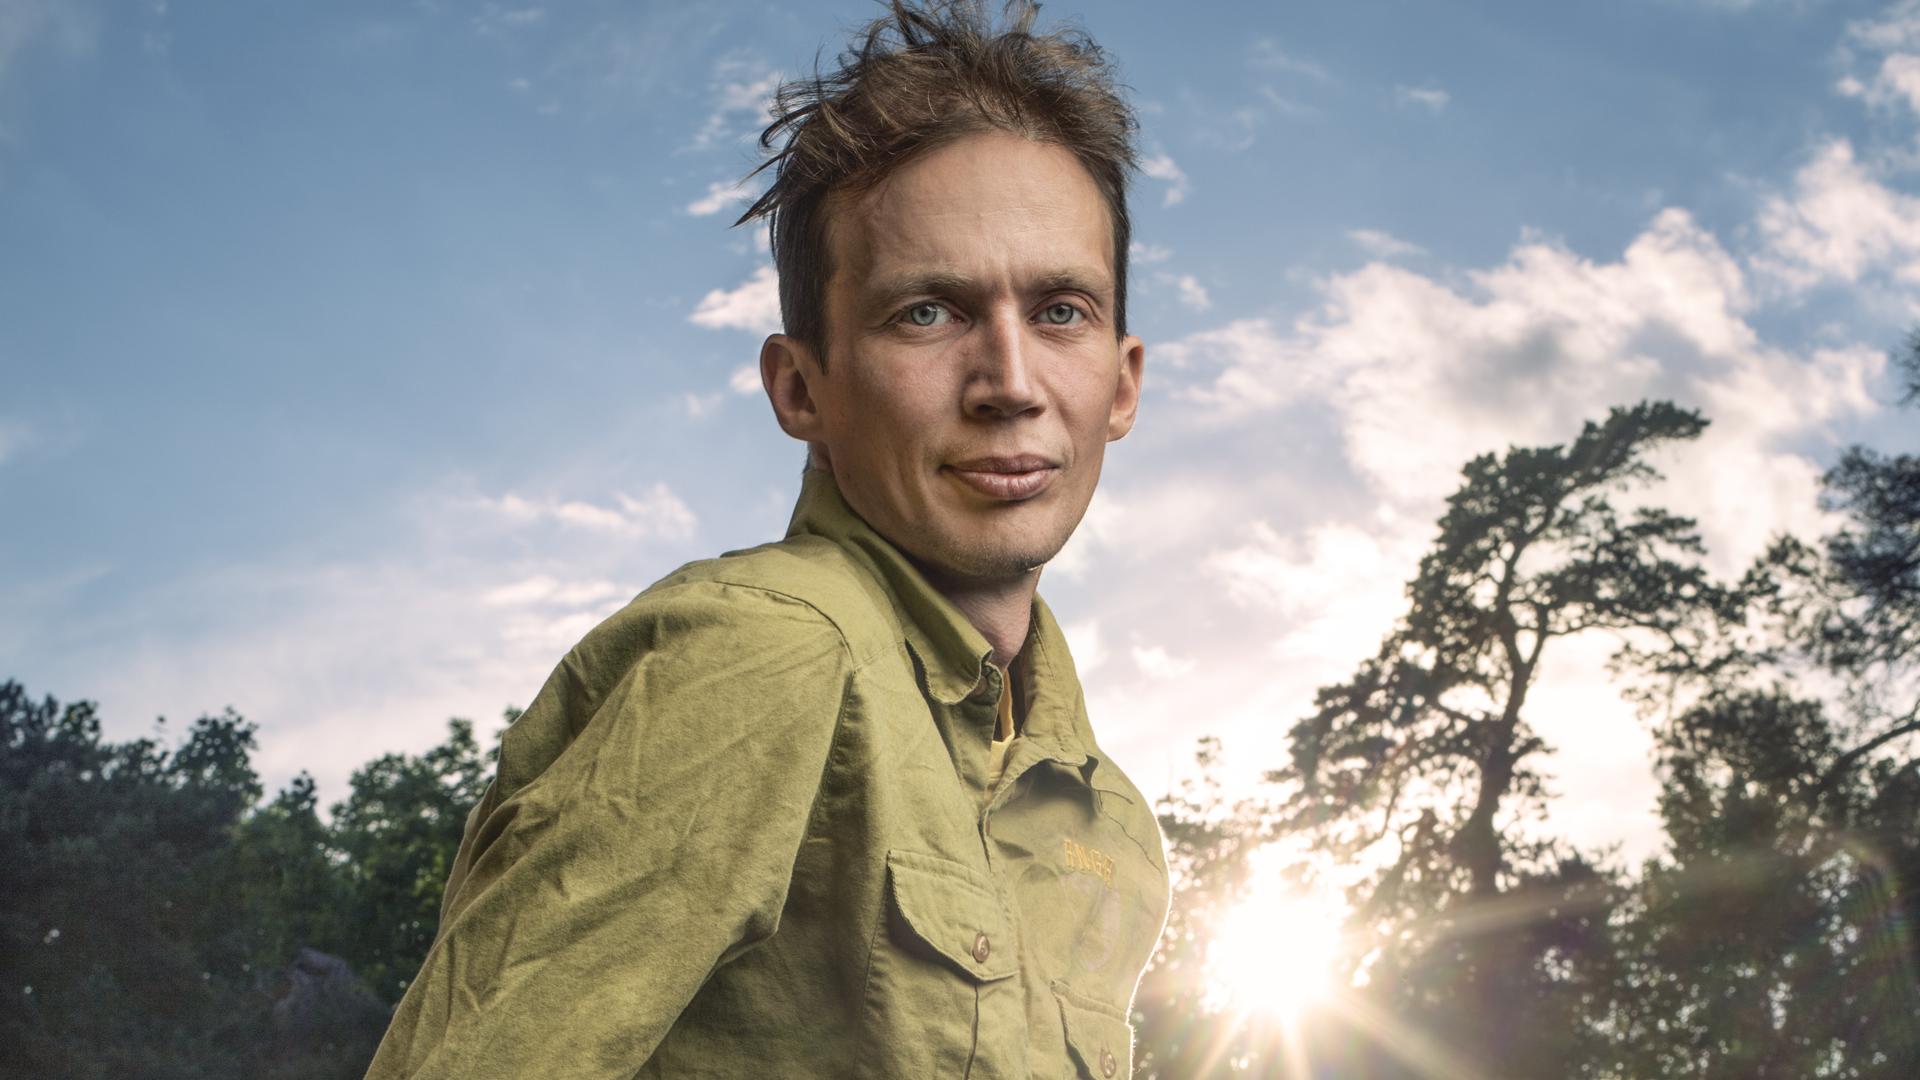 Jon Svednell gick på täta kontroller för att upptäcka cancer